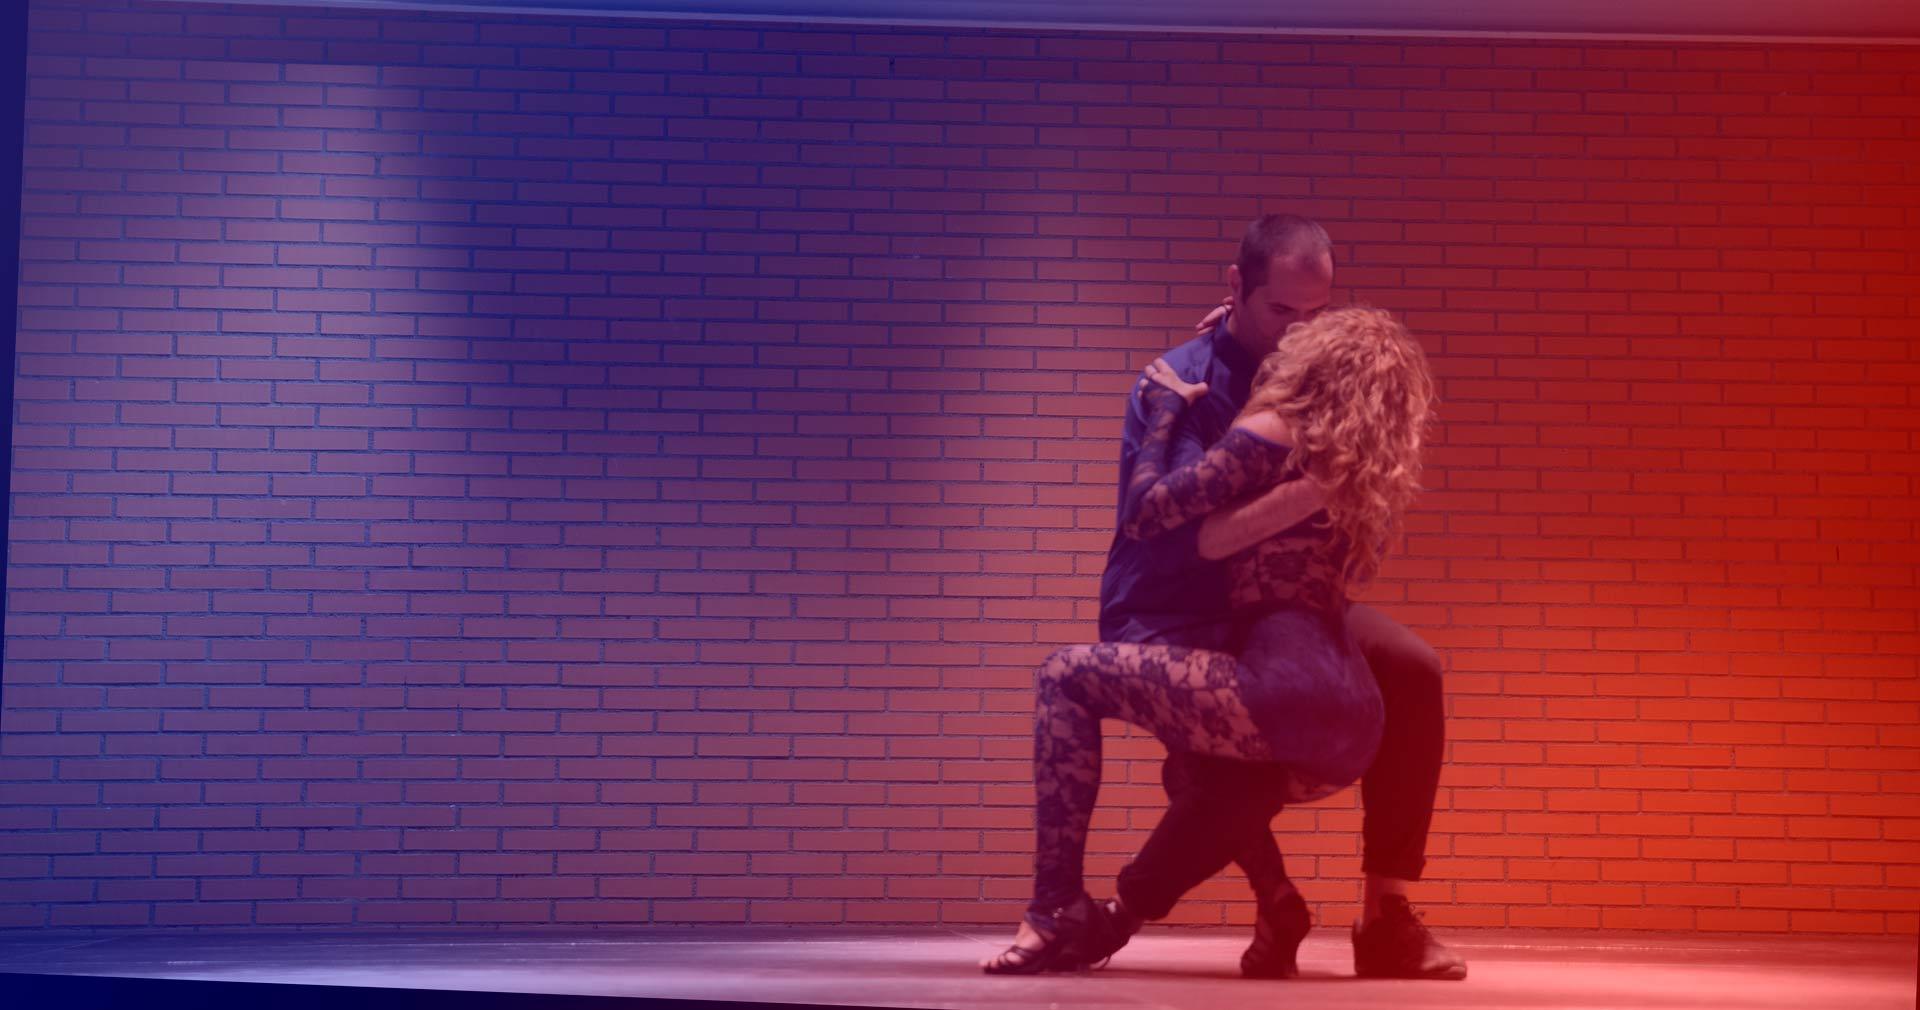 Curso de Bailes Latinos: Salsa, merengue, bachata, rueda de casino y salsa en línea